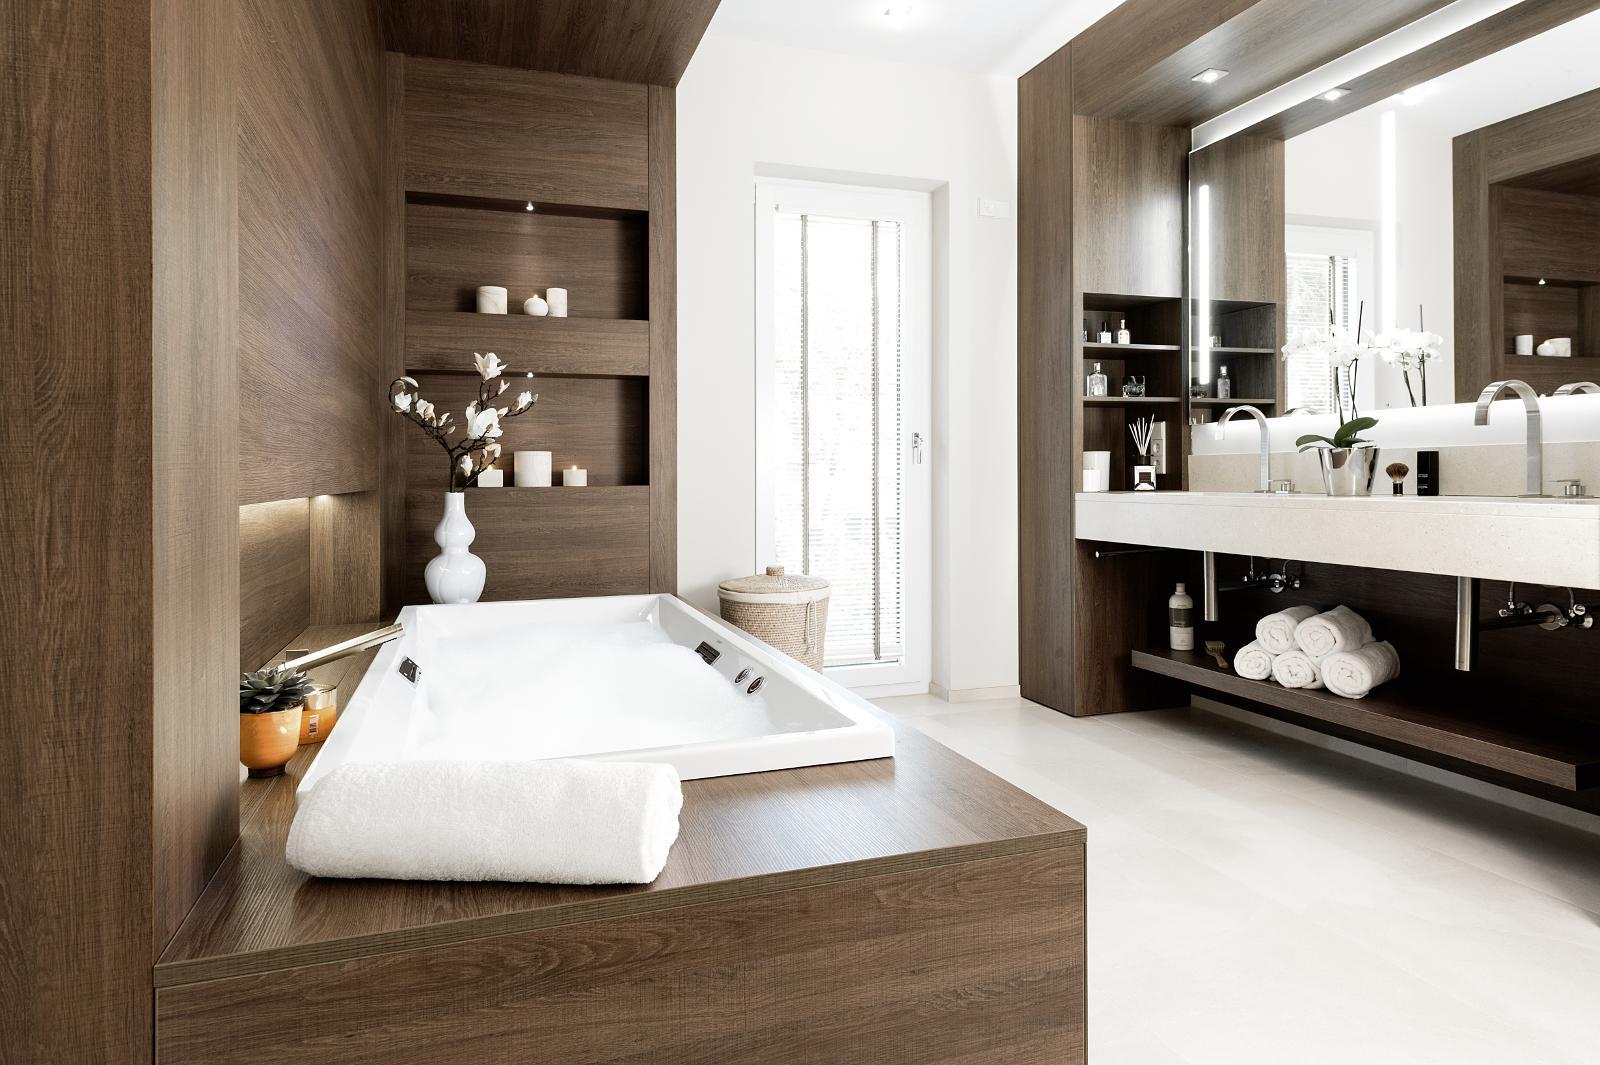 Holz im Badezimmer | Baral | Bad | Heizung | Renovierung